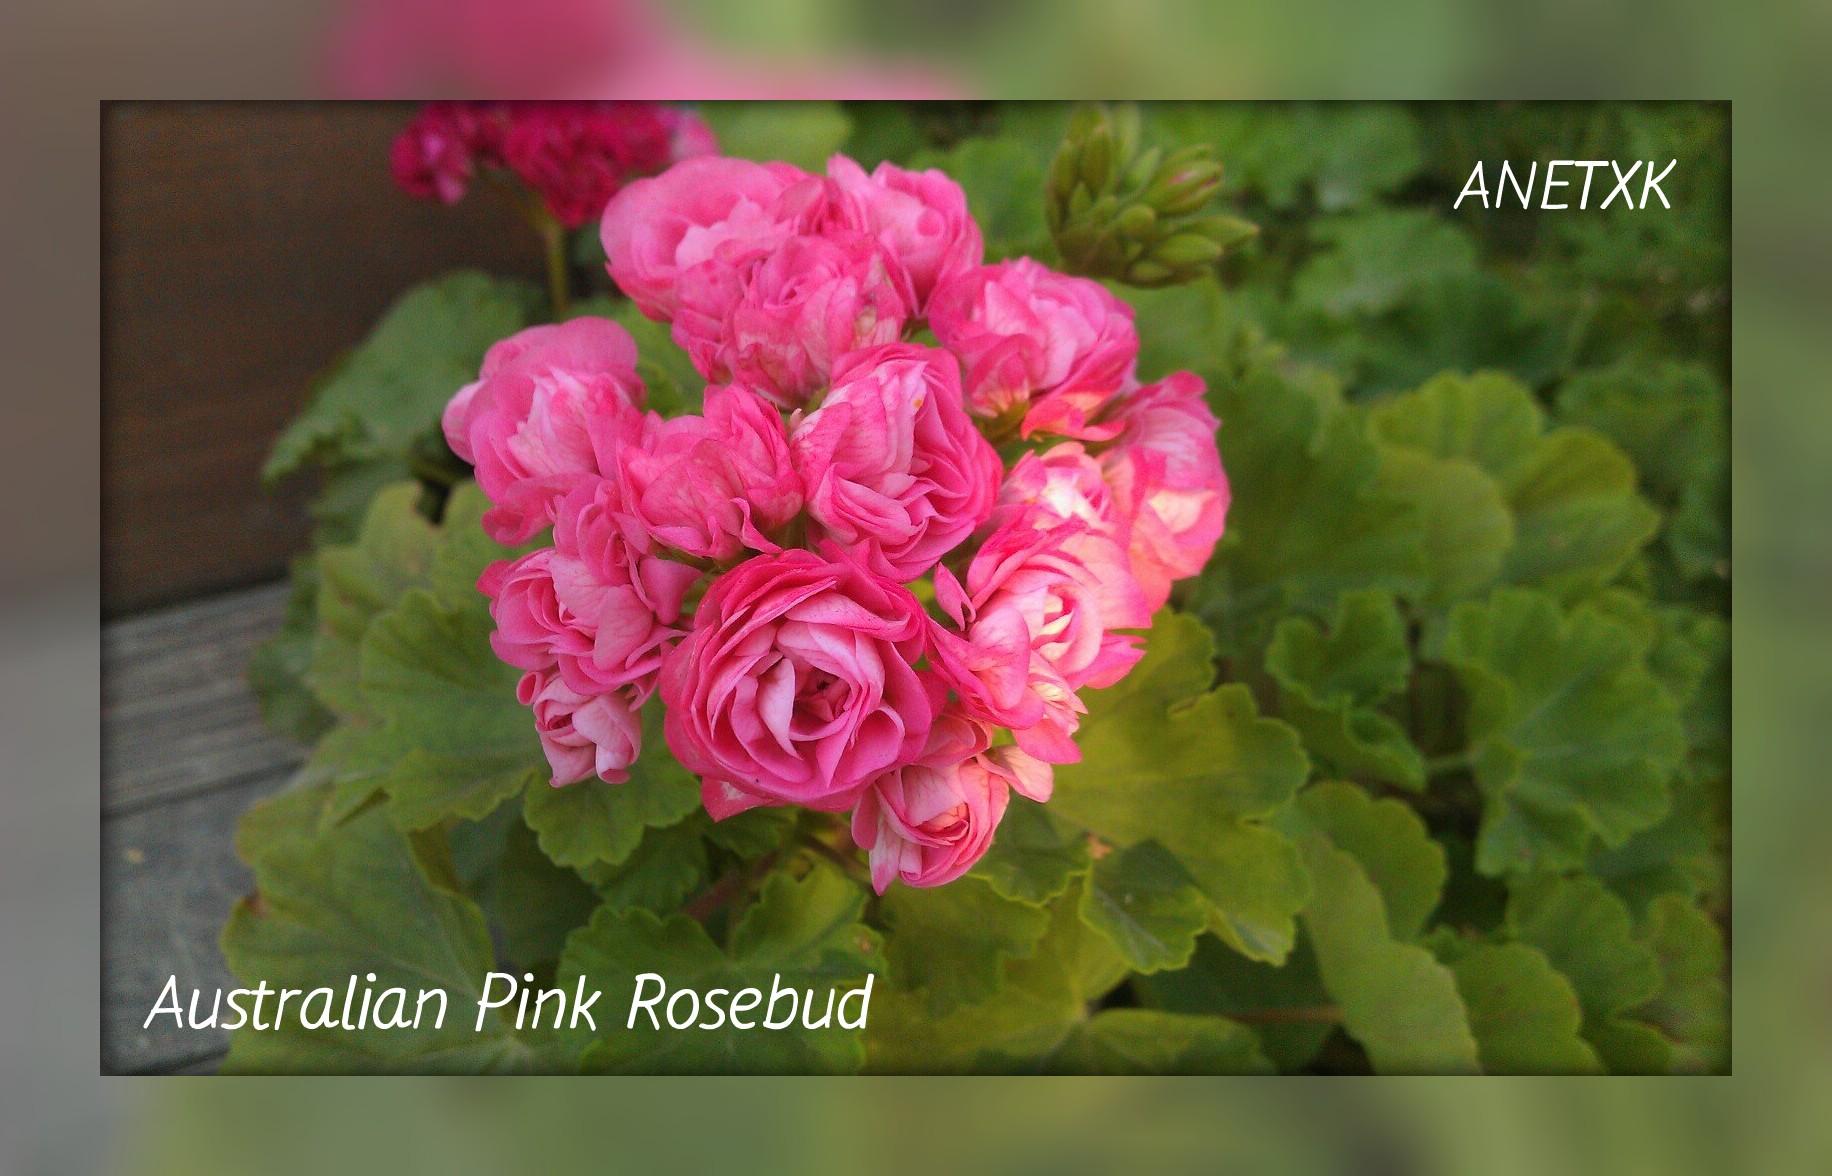 Австралиан пинк розебуд особенности выращивания 55